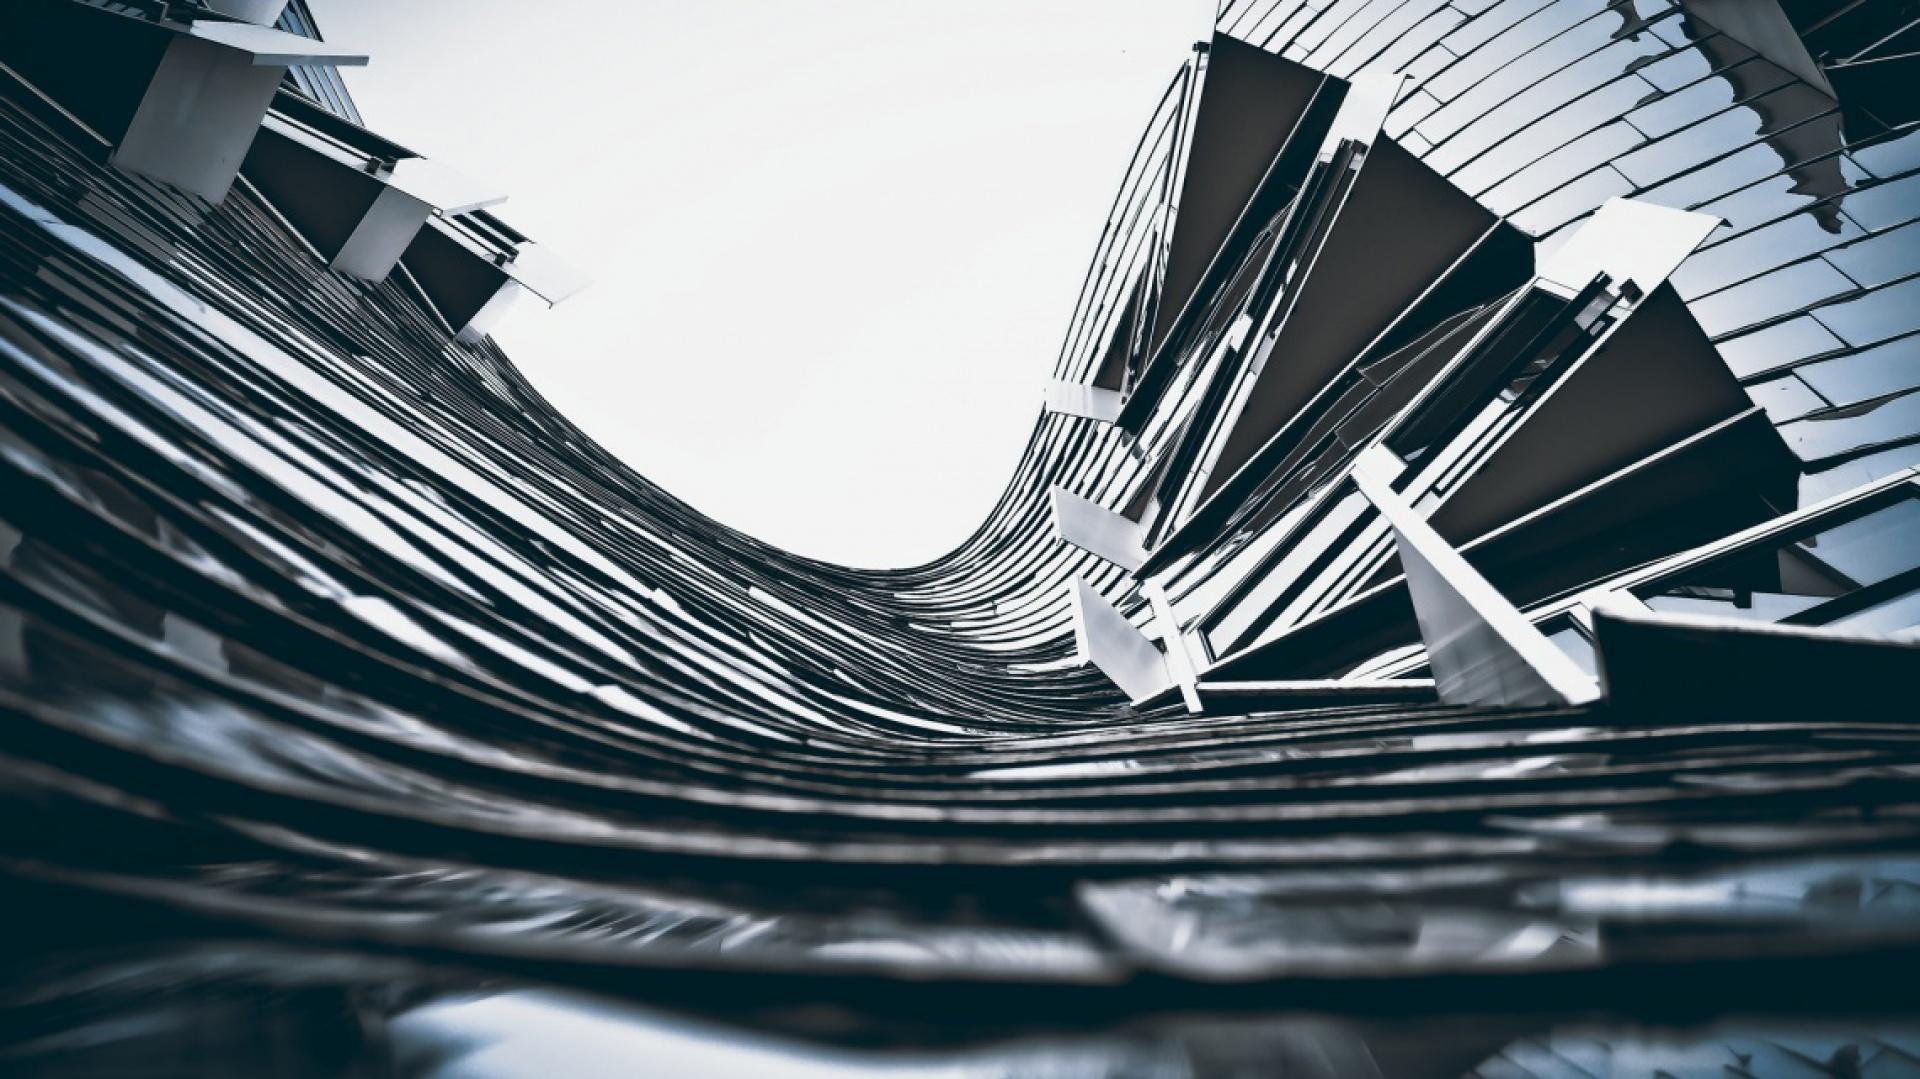 Jeden z projektów autorstwa Franka Gehry fot. pixabay.com